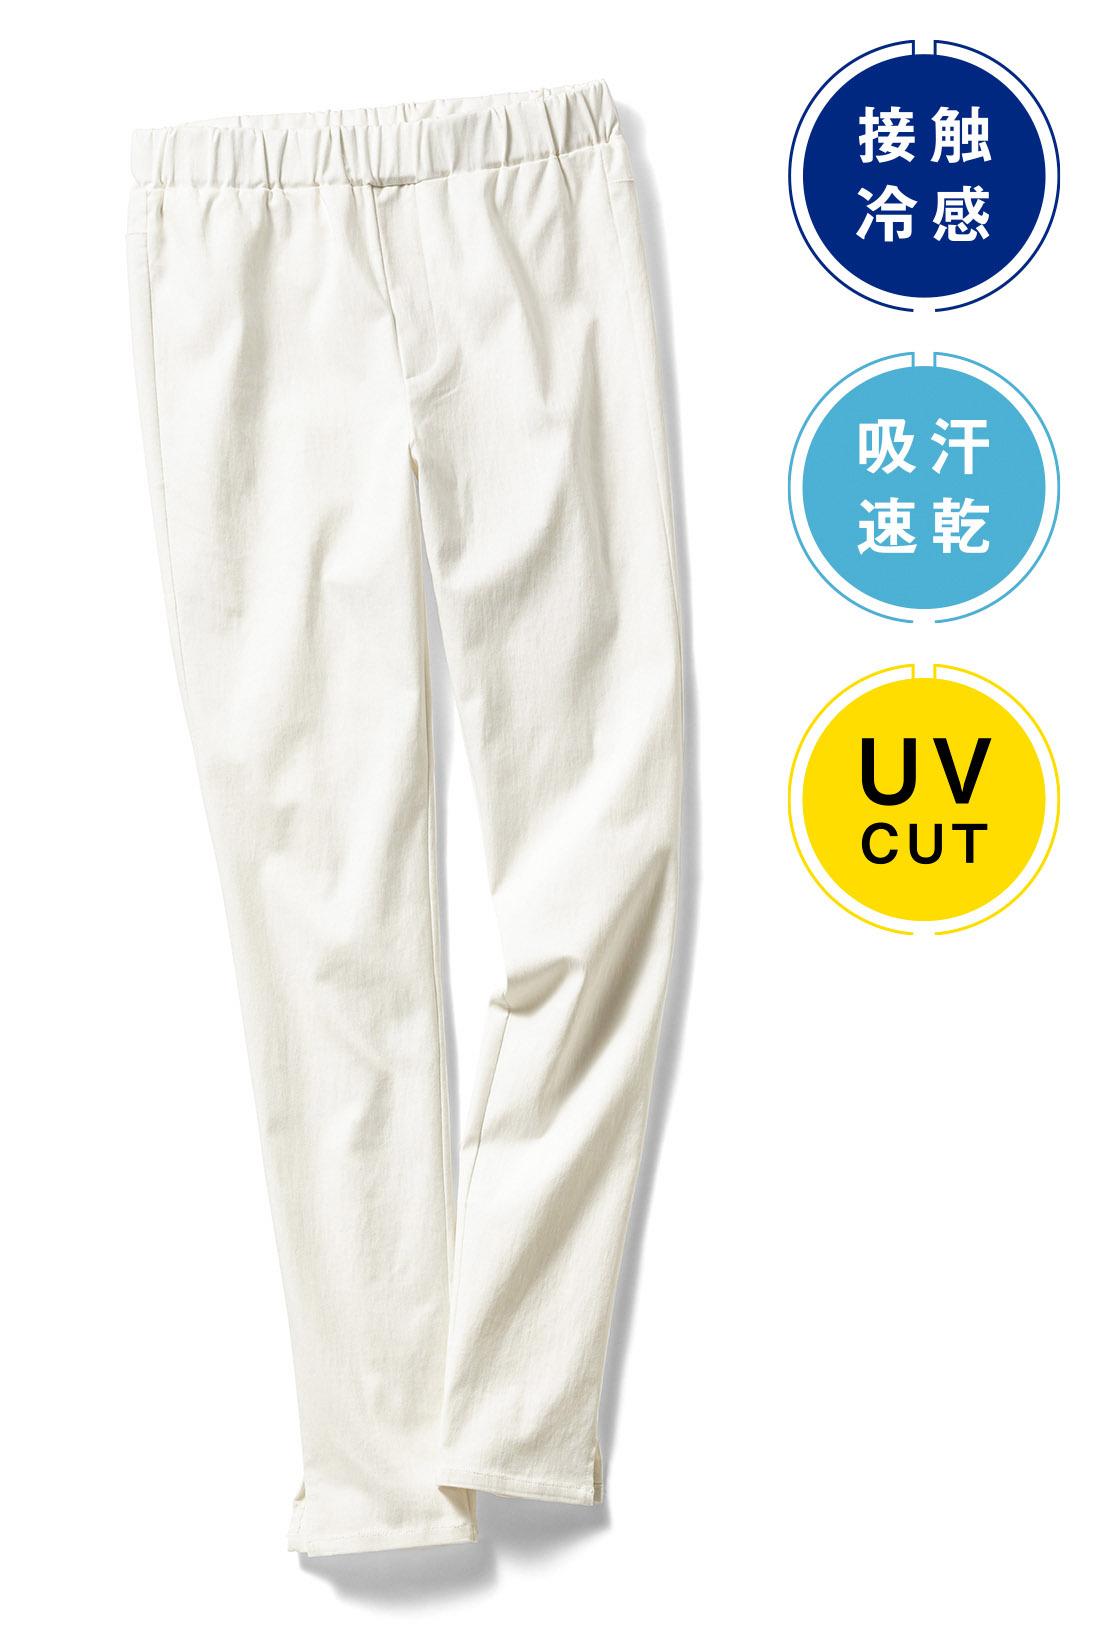 上品で女っぽい〈ホワイト〉 総ゴムのウエストは、着用時にギャザーが目立たず、ジップフライ風のステッチをあしらうなど、フロントインしやすい仕様。